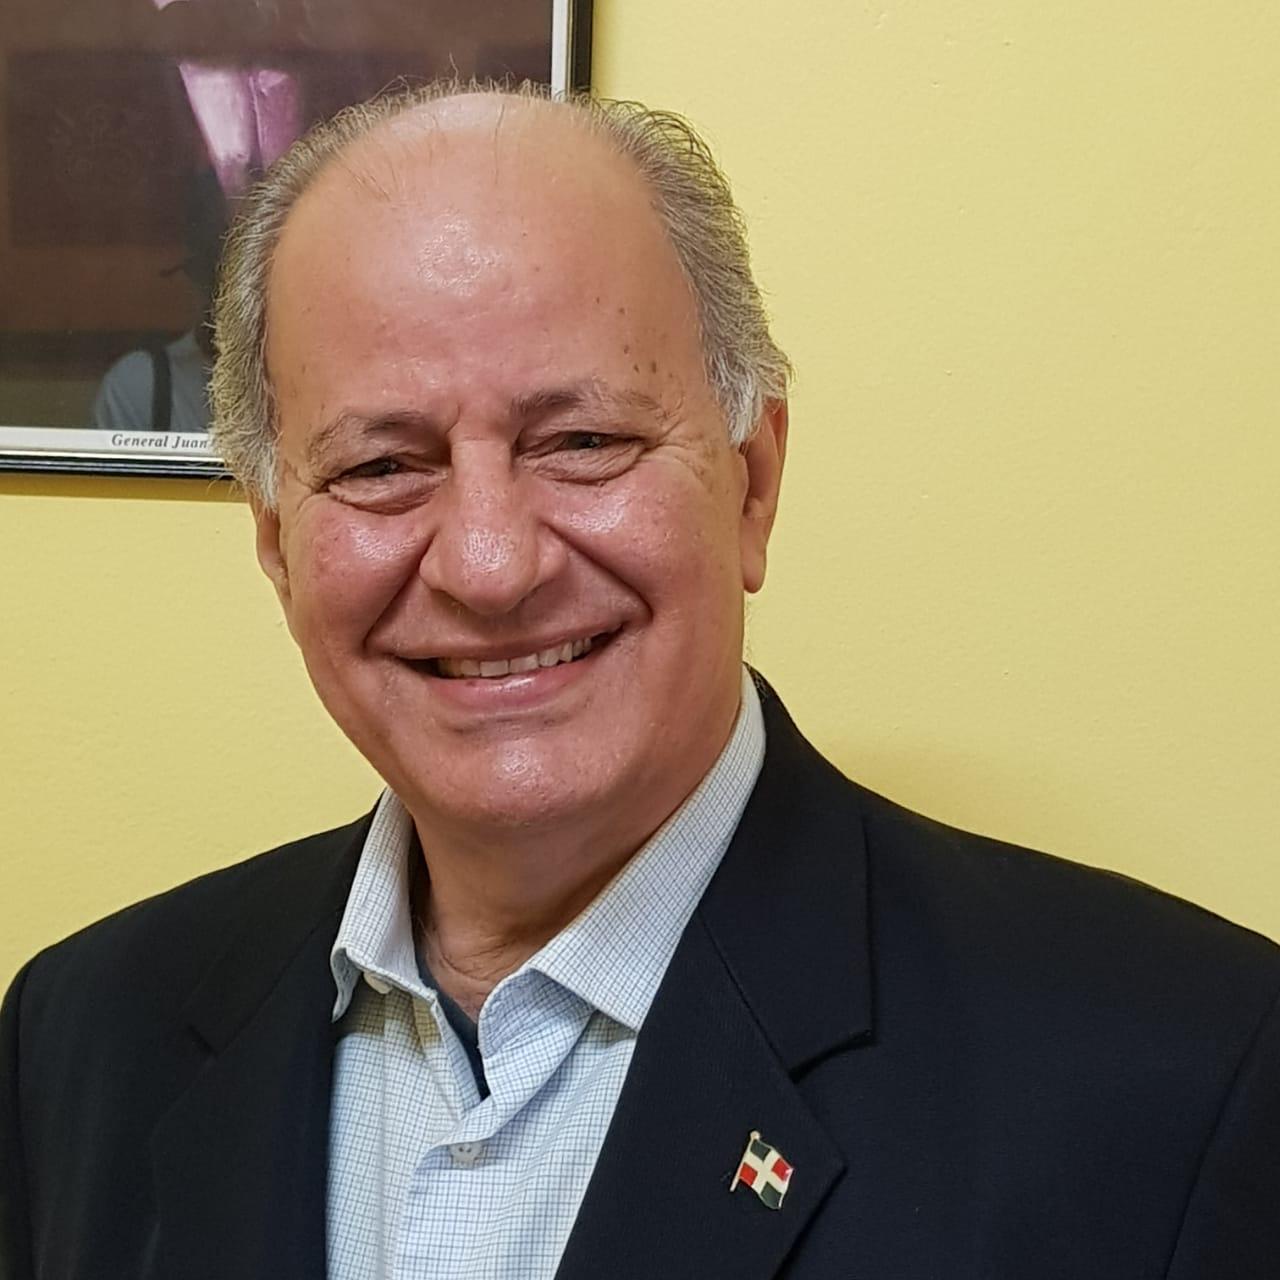 Más de 60 empresas dominicanas participan virtual en la Convención de Negocios e Inversión  en Trinidad y Tobago